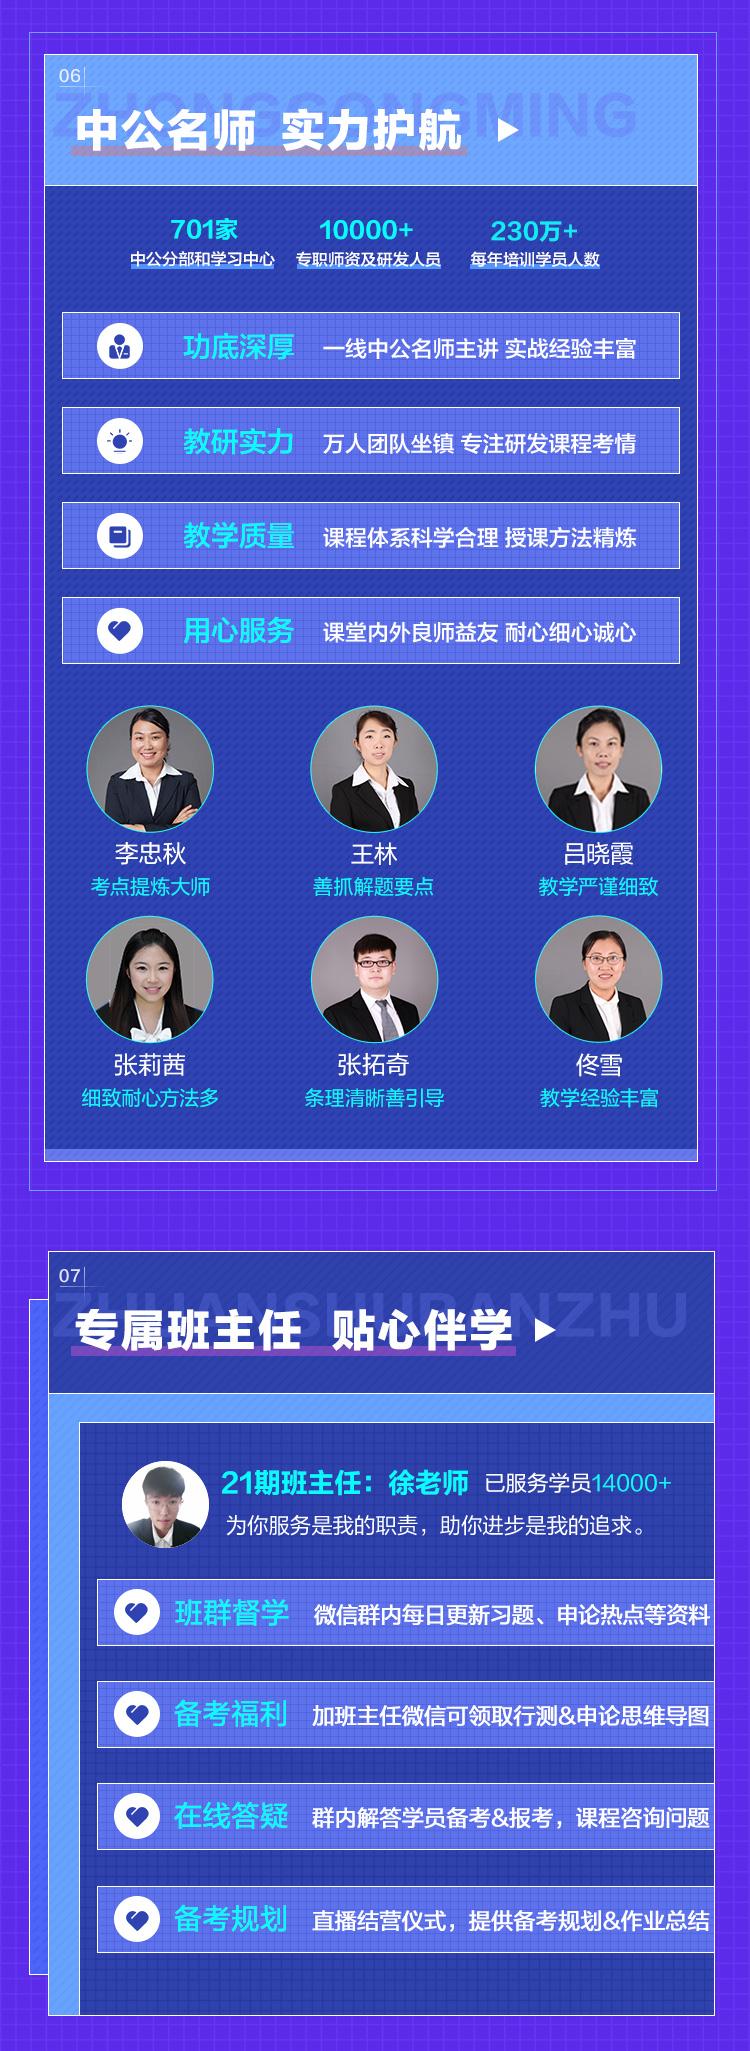 2020省考零基础先锋班-网校_03.jpg